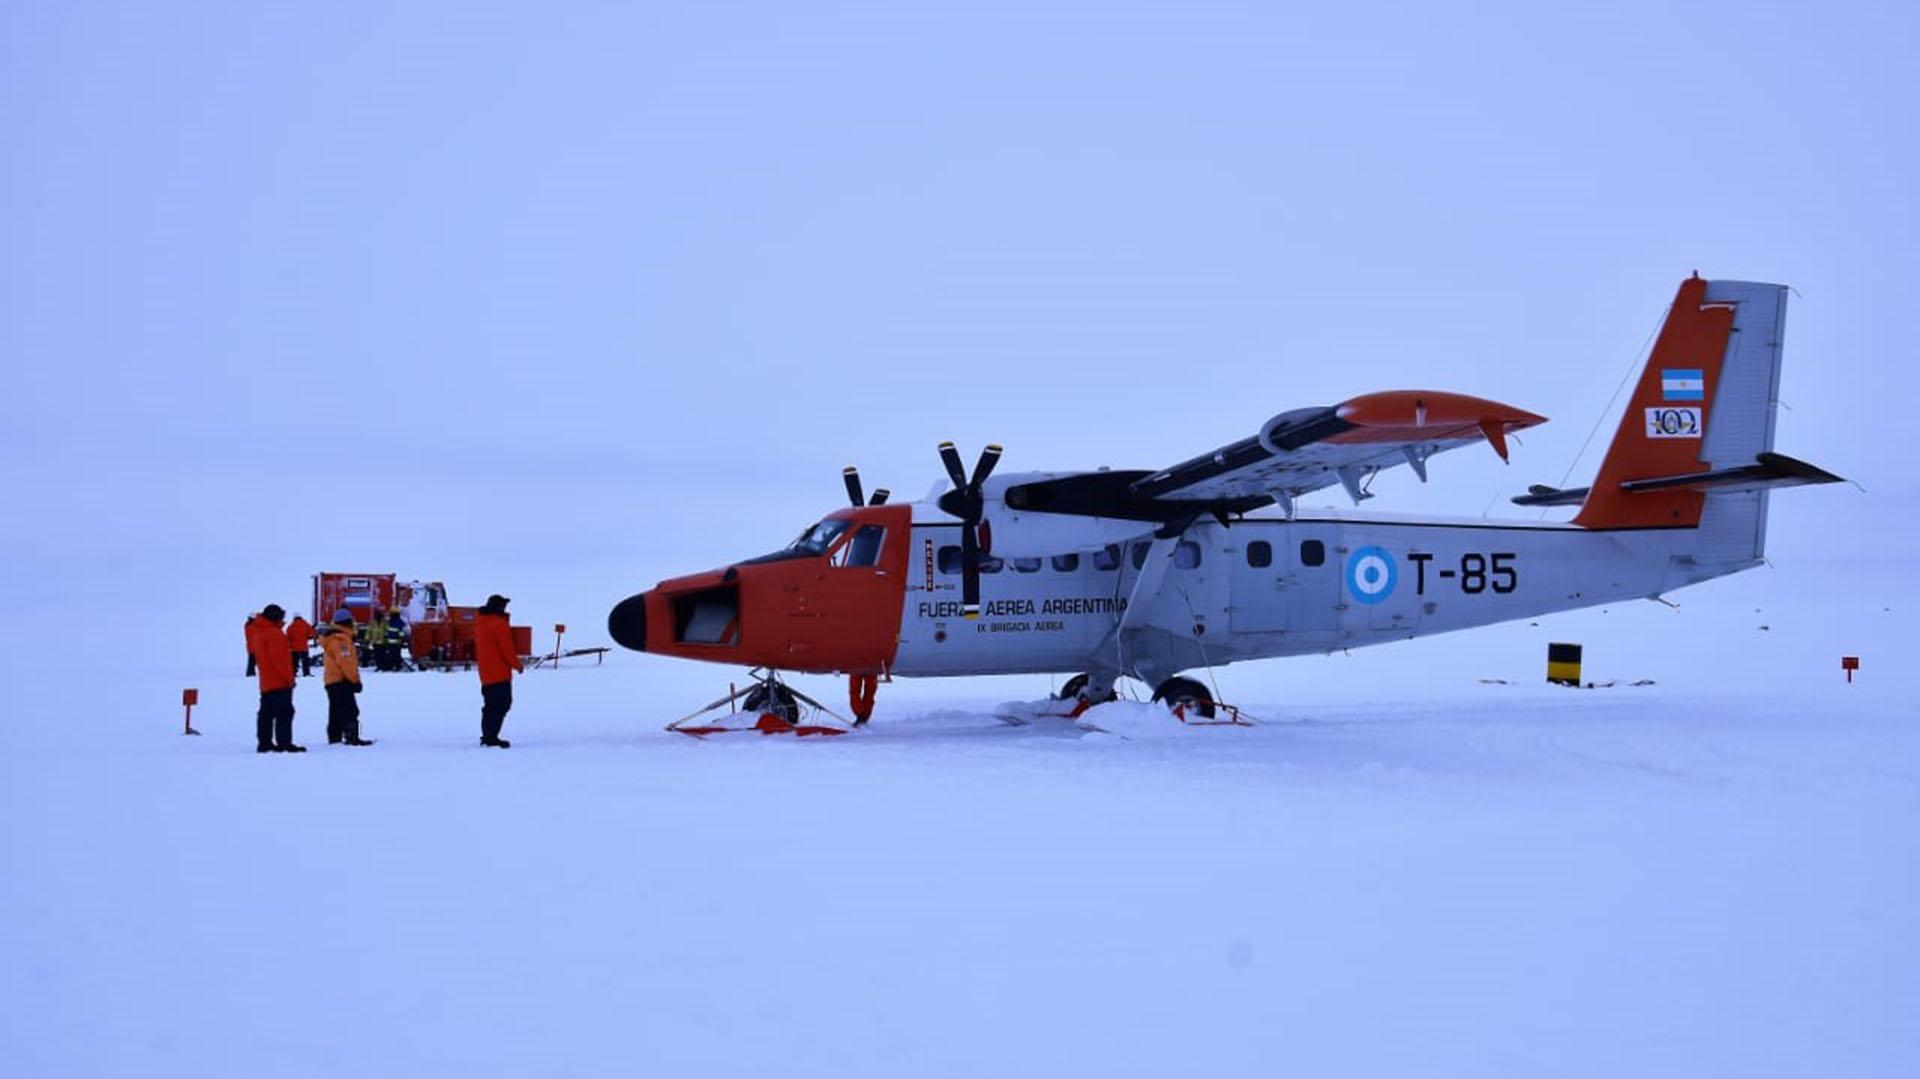 El avión es un DH6 Twin Otter